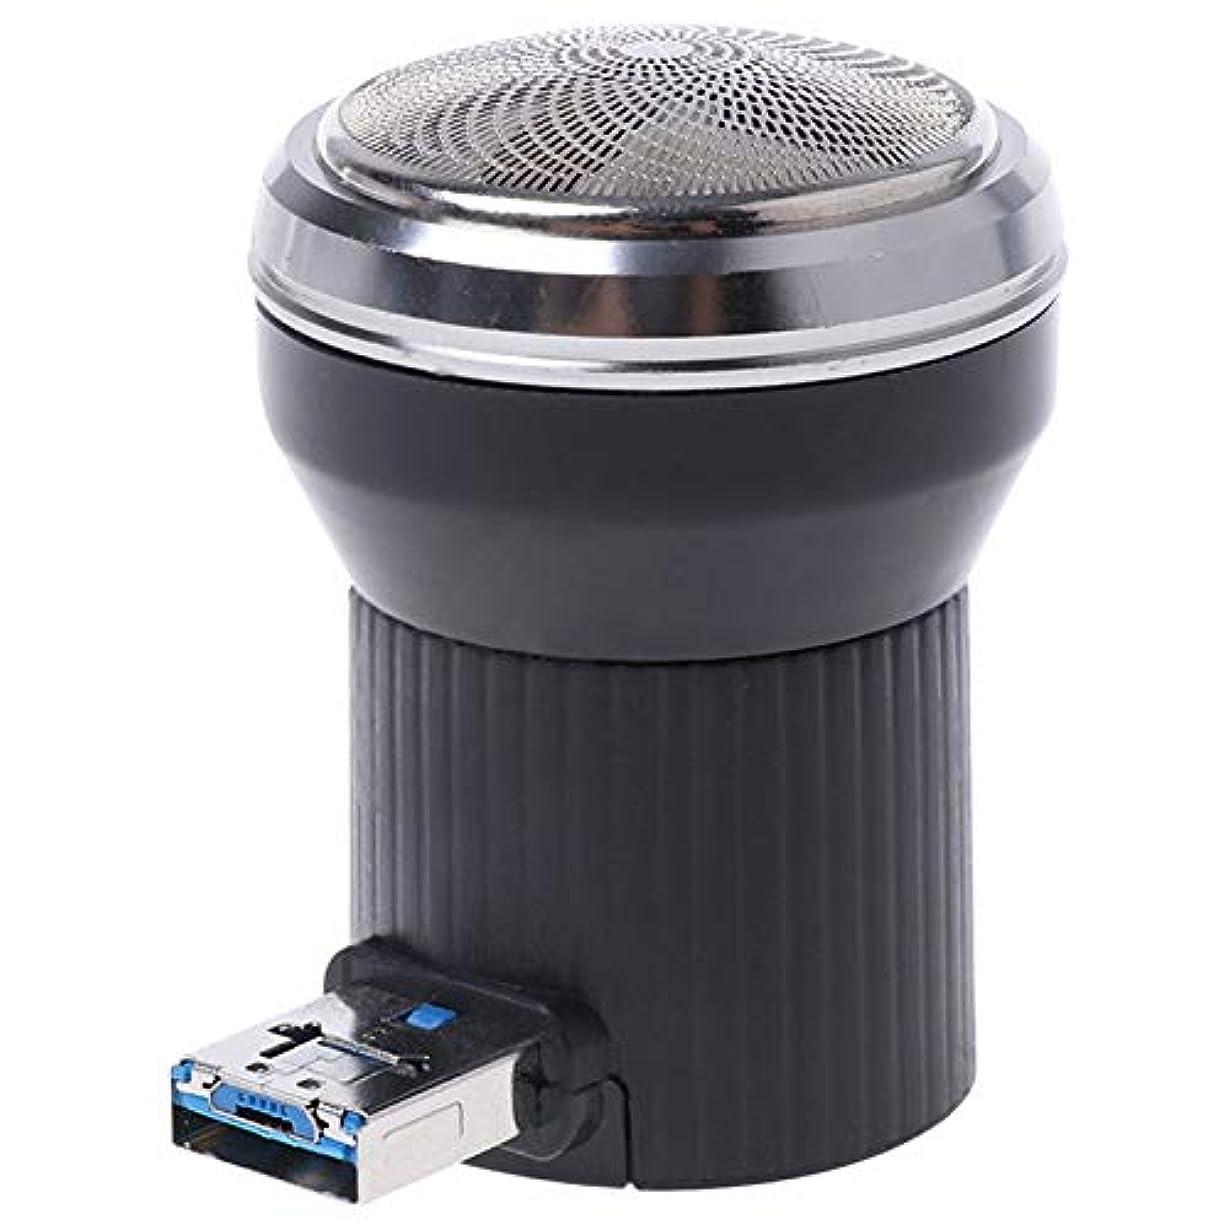 ファイアル電池決してMoligh doll クリエイティブ電気シェーバー ミニポータブルUSB電源プラグ旅行髭トリマーかみそり